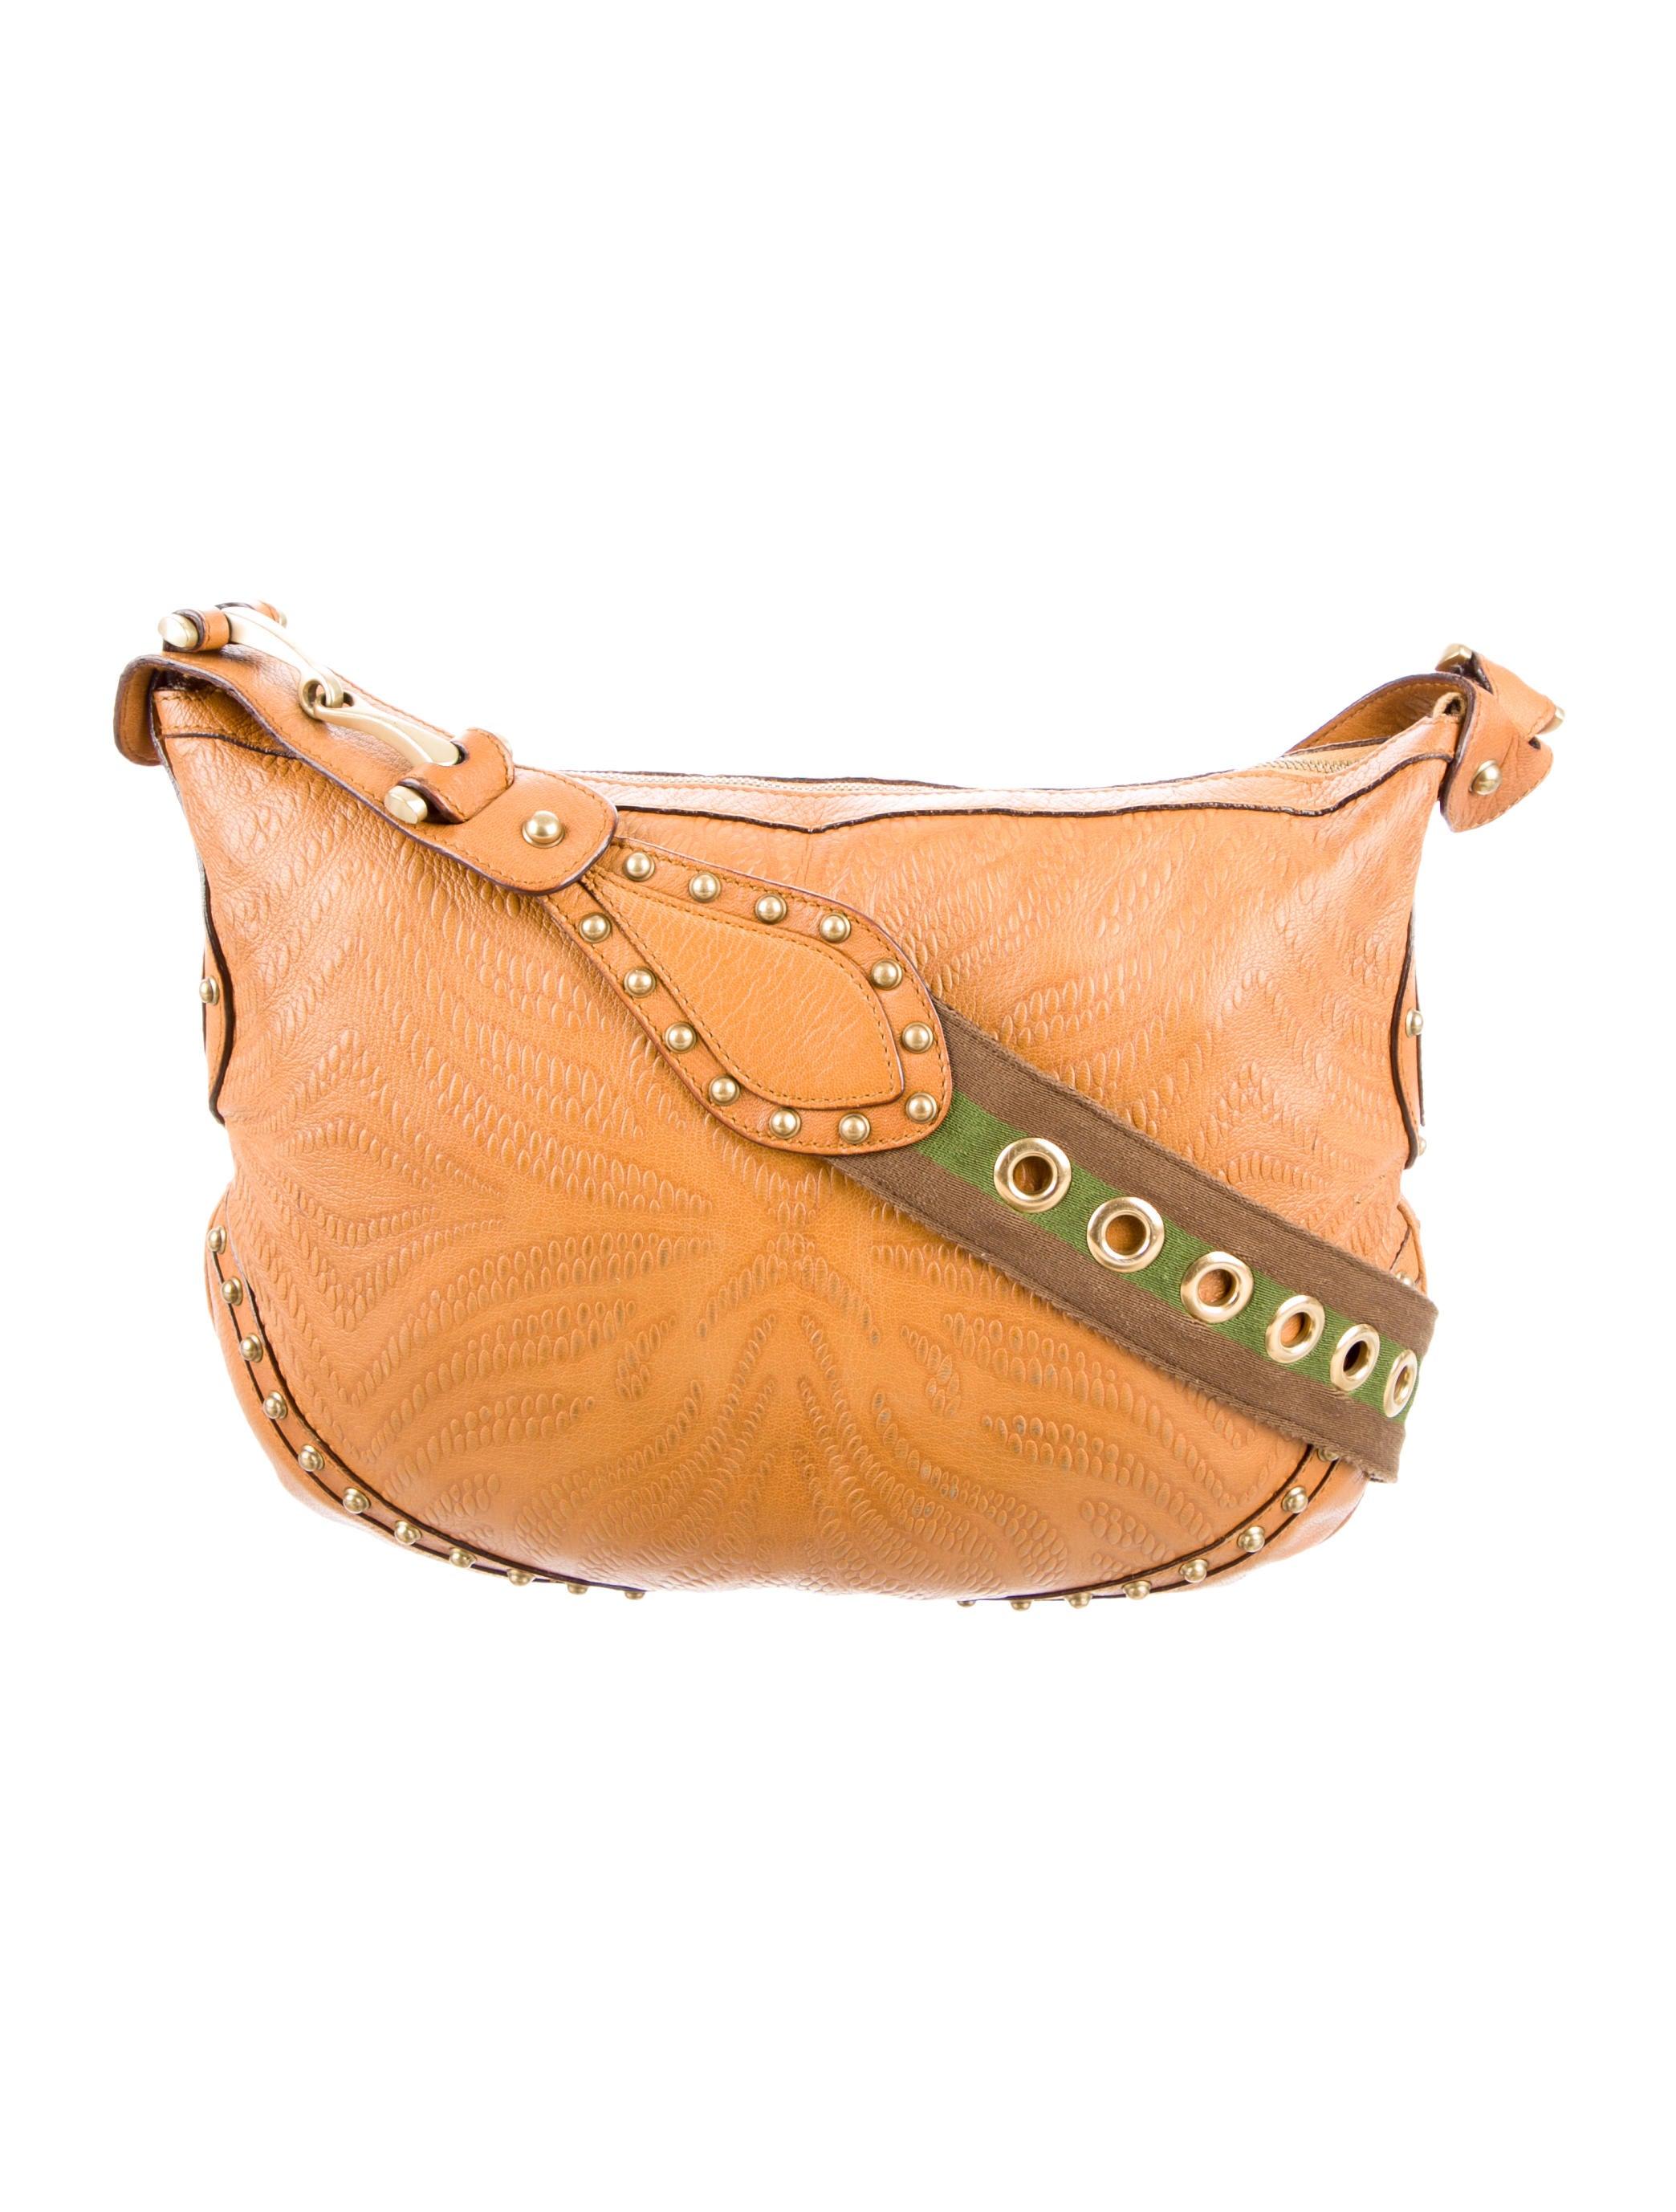 56ecb0a8bb5 Gucci Borchie Pelham Messenger Bag - Handbags - GUC91177